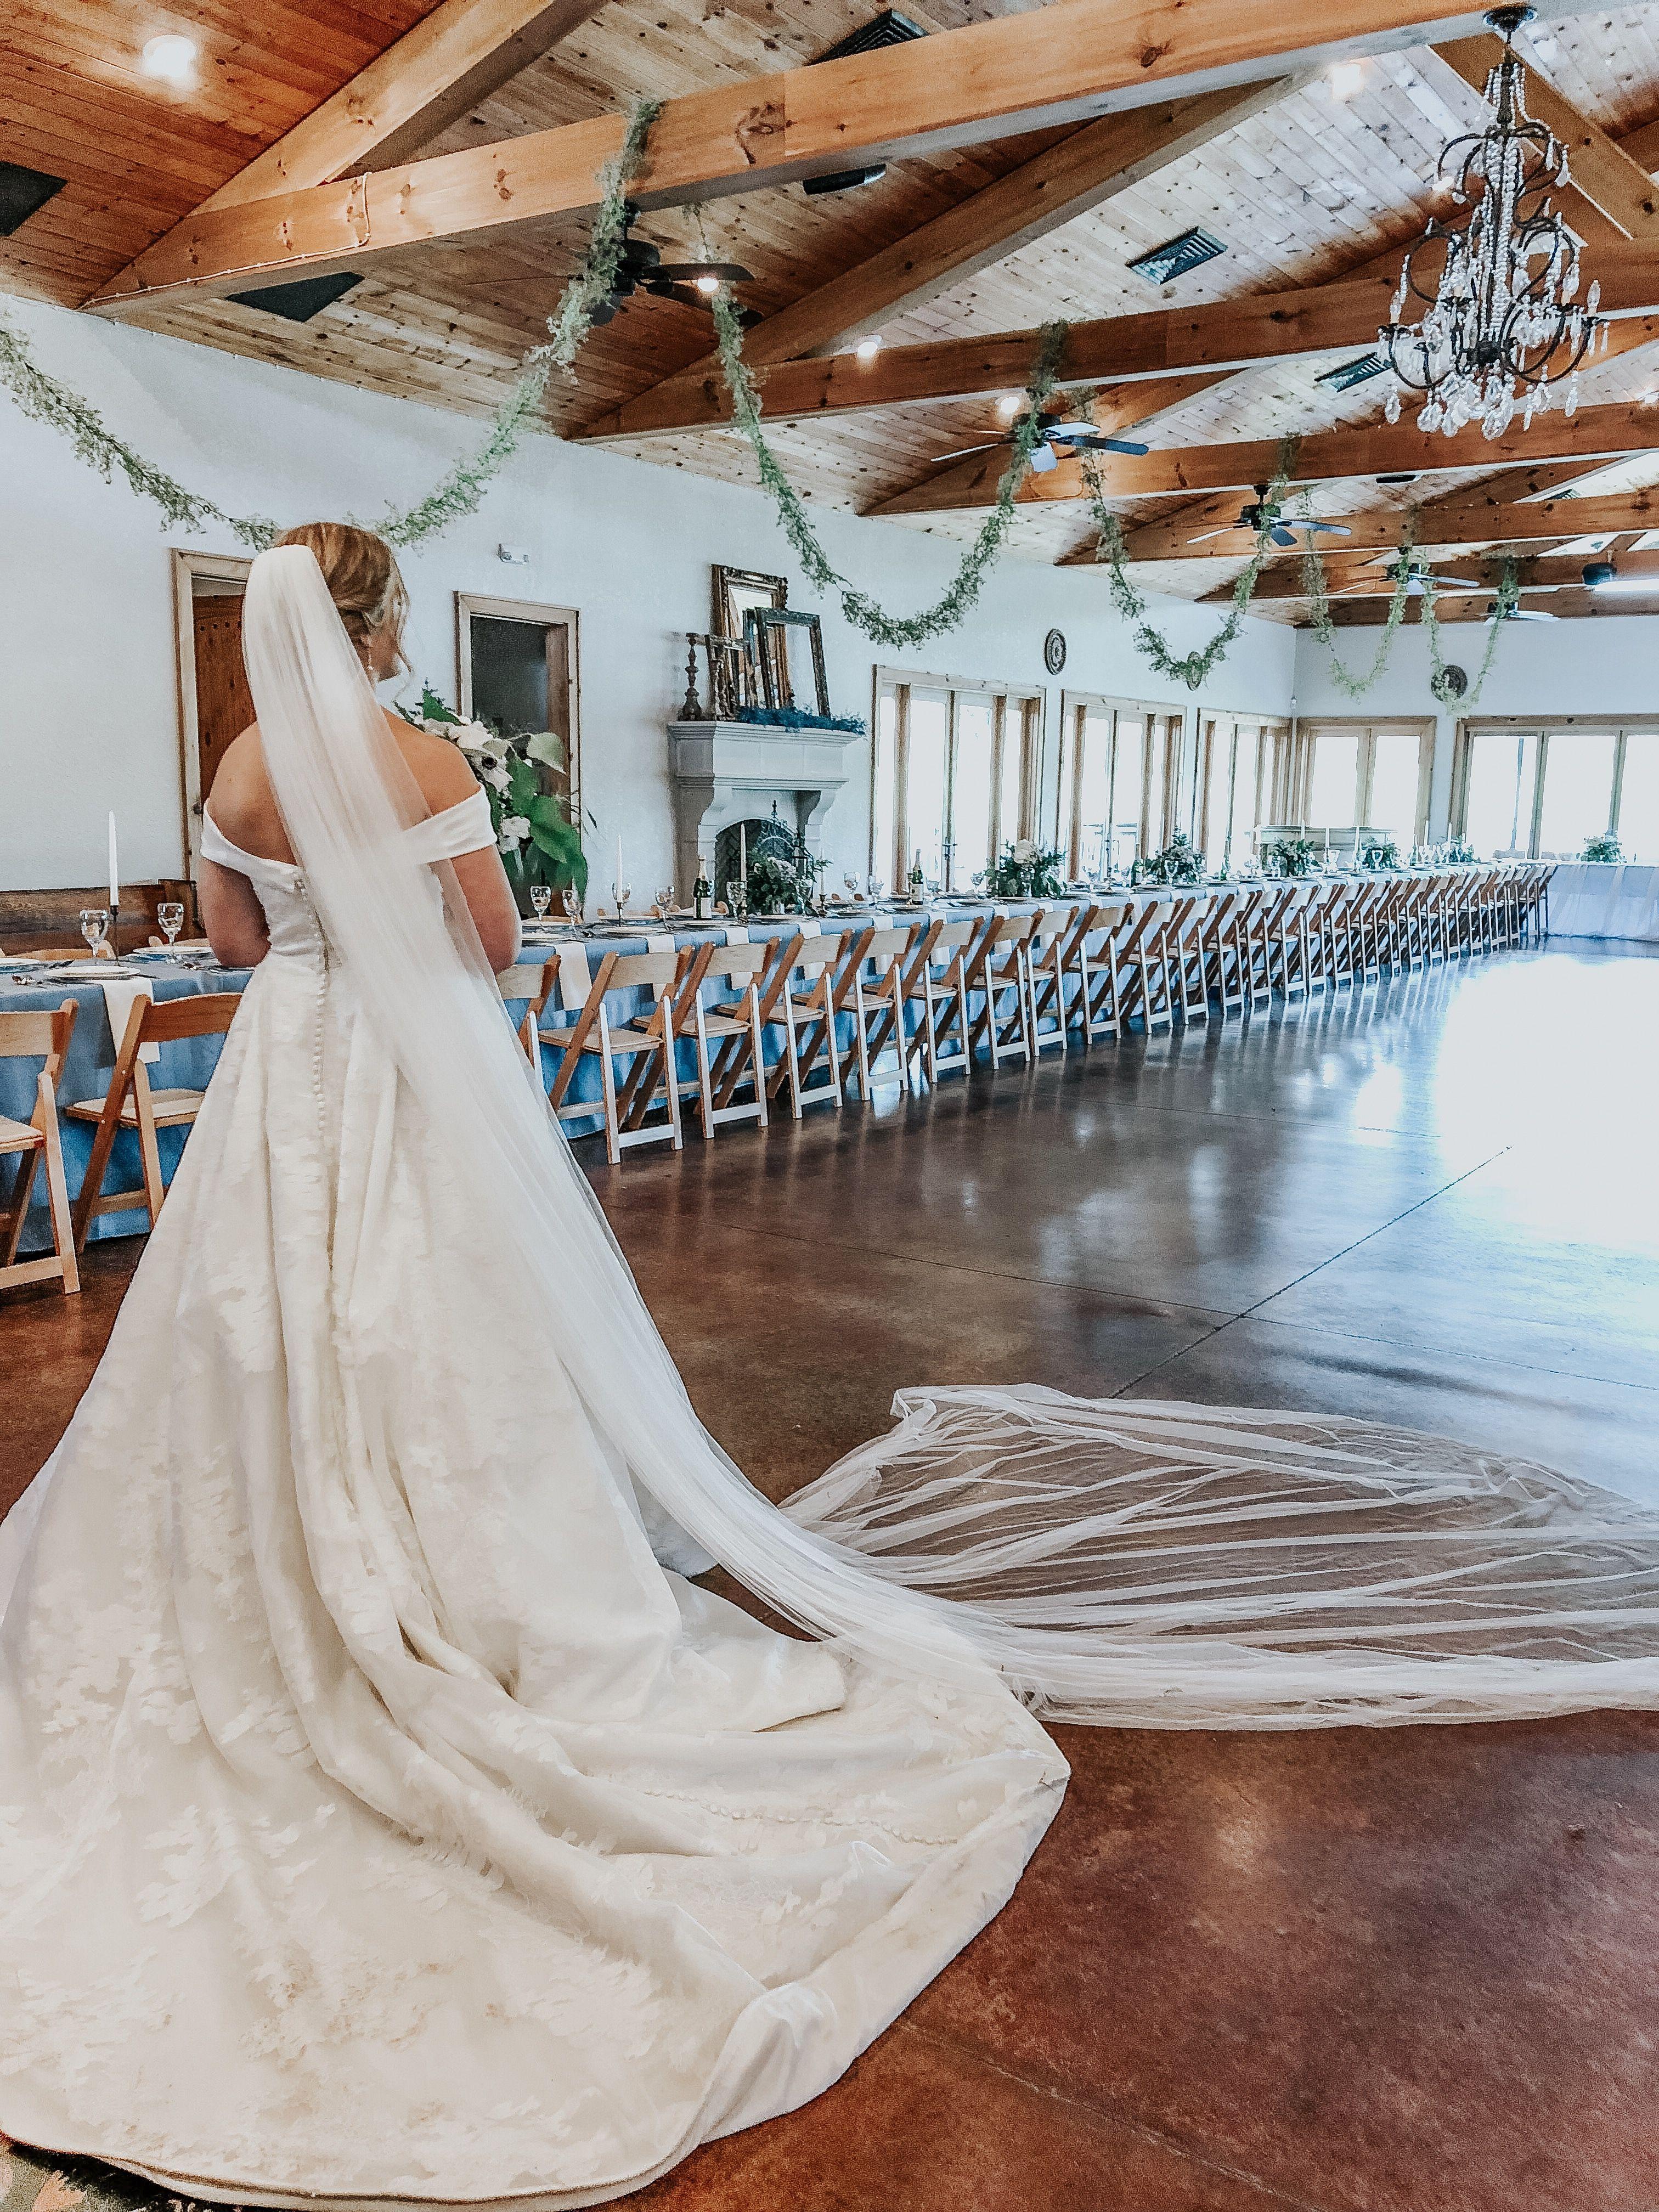 Pin By Masha Prikhodko On Wedding Day!!